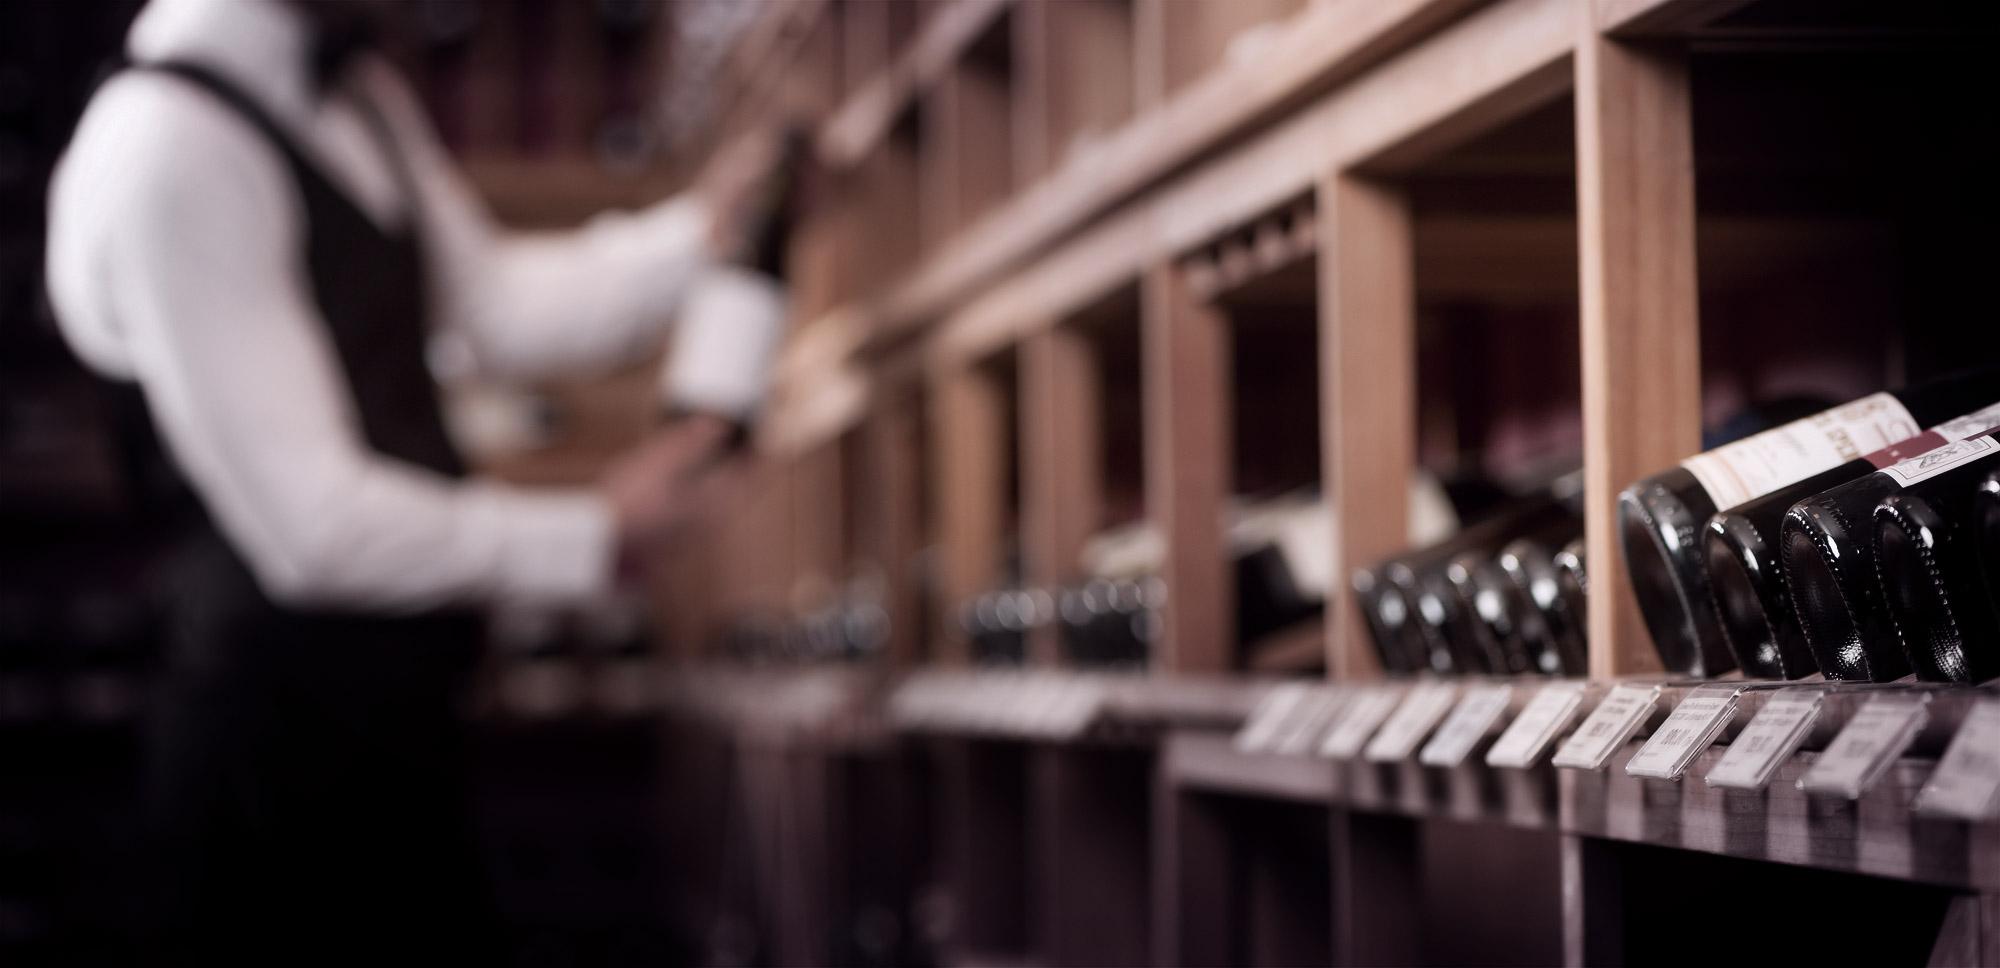 Wijnproducenten